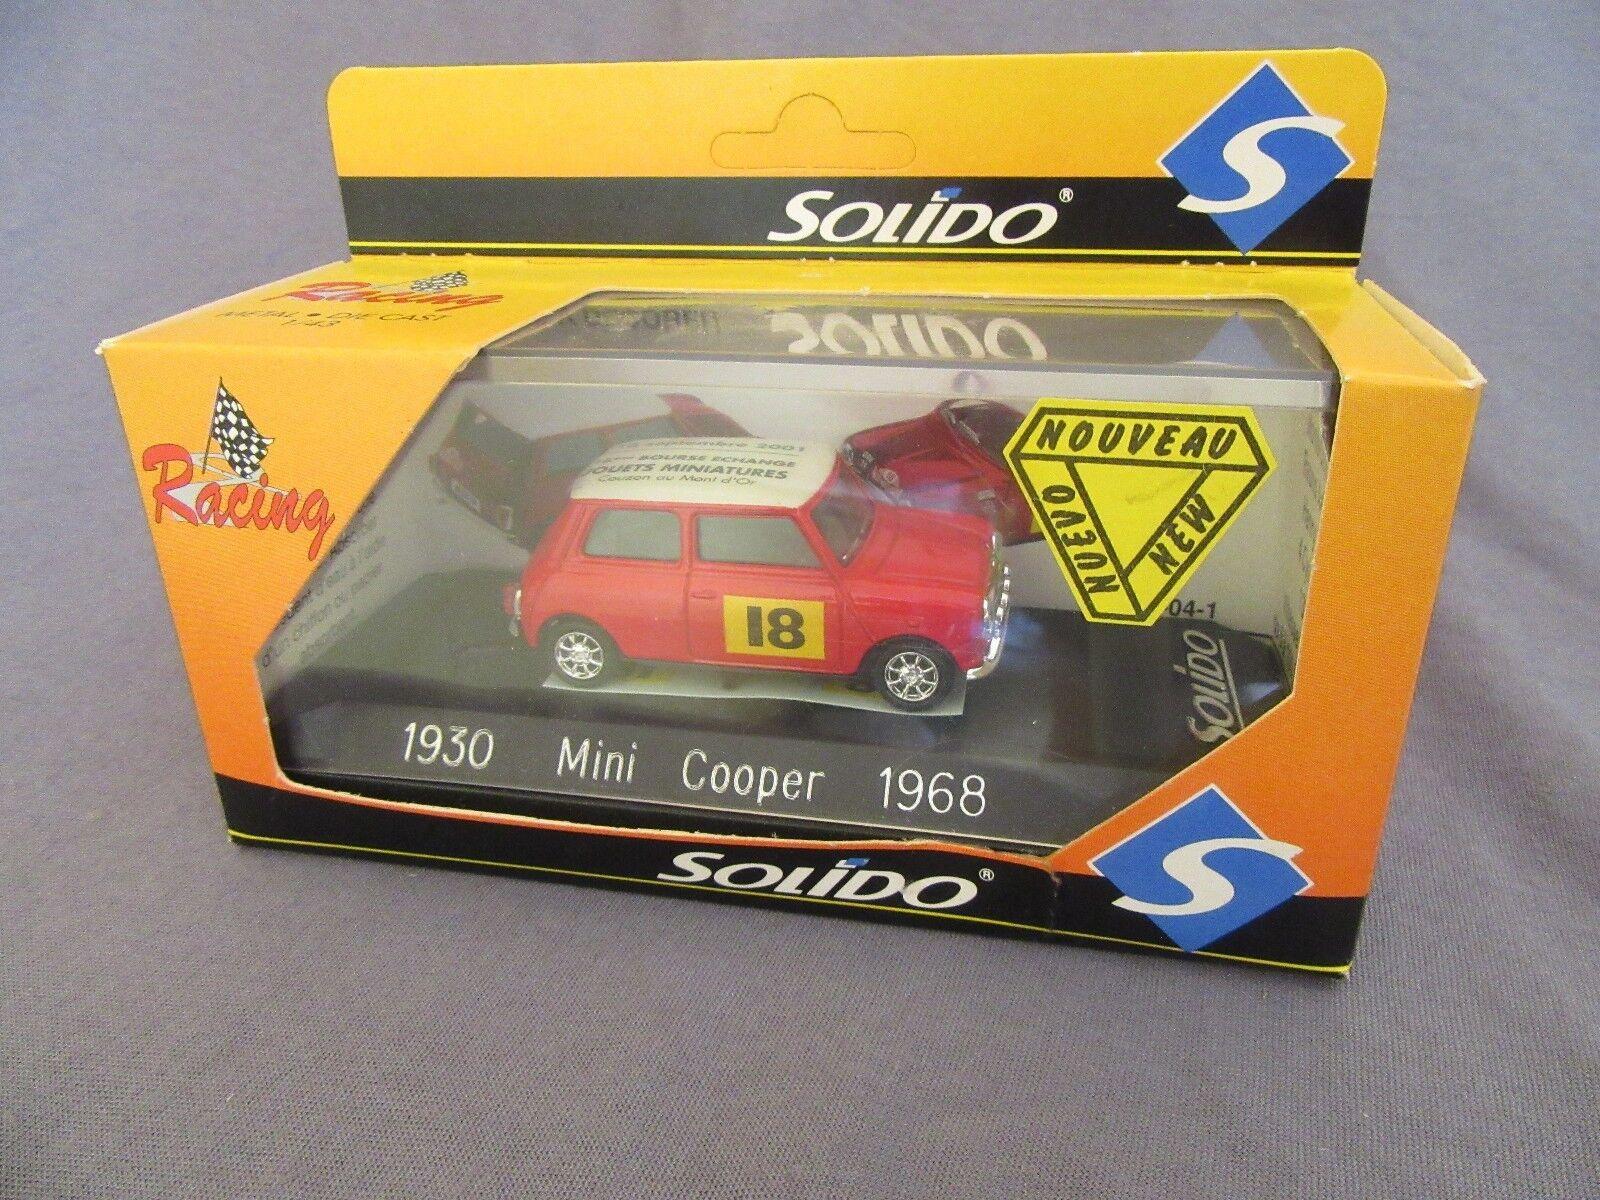 310G Solido 1930 Mini Cooper 1968 Bolsa Juguetes Miniaturas Couzon 2001 1 43